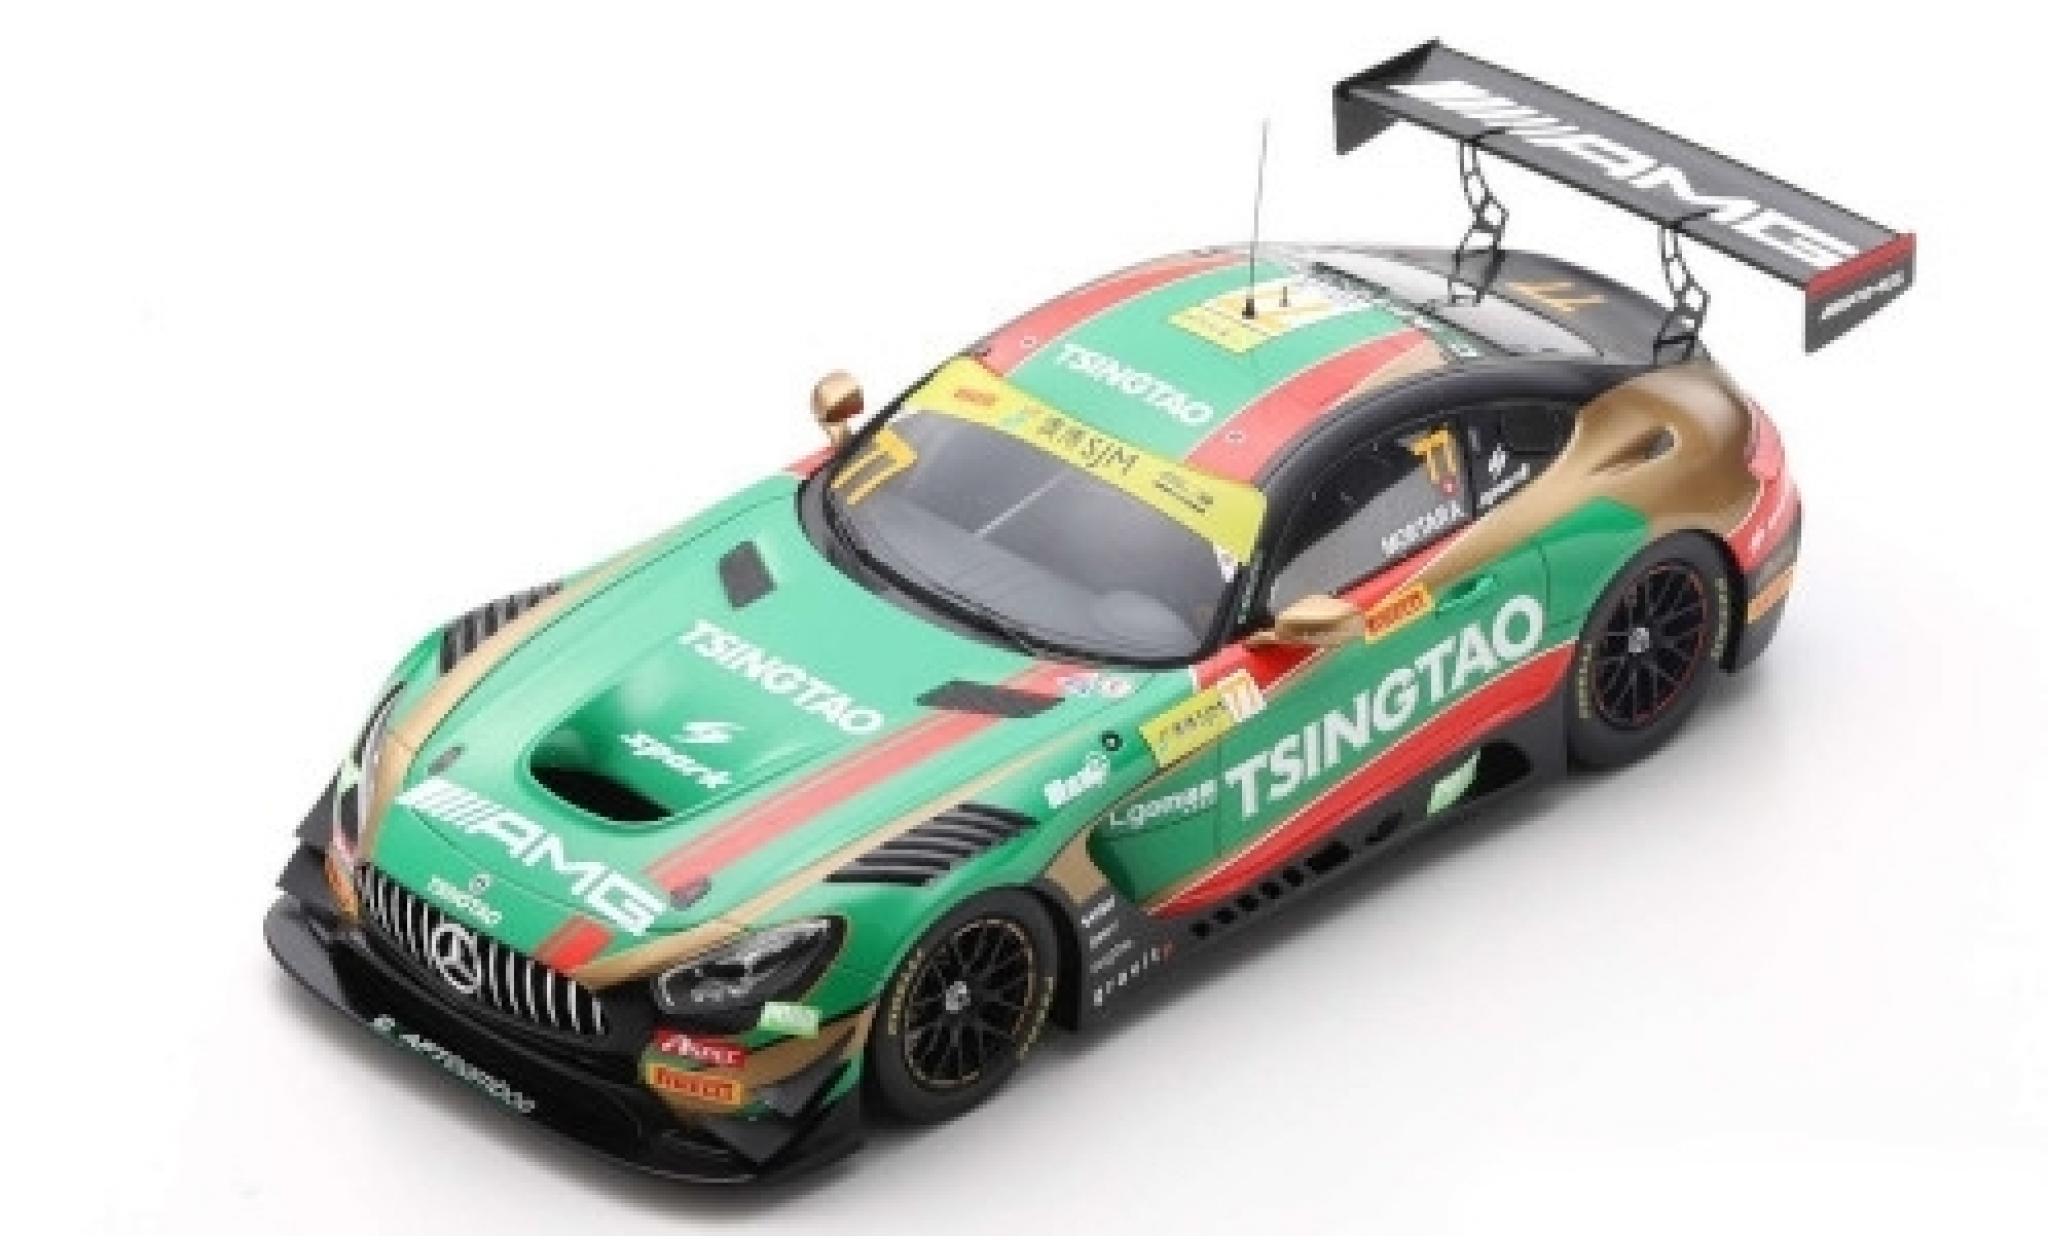 Mercedes AMG GT 1/18 Spark 3 No.77 -AMG Team CraftBamboo Racing Tsingtao Fia GT World Cup Macau 2019 E.Mortara